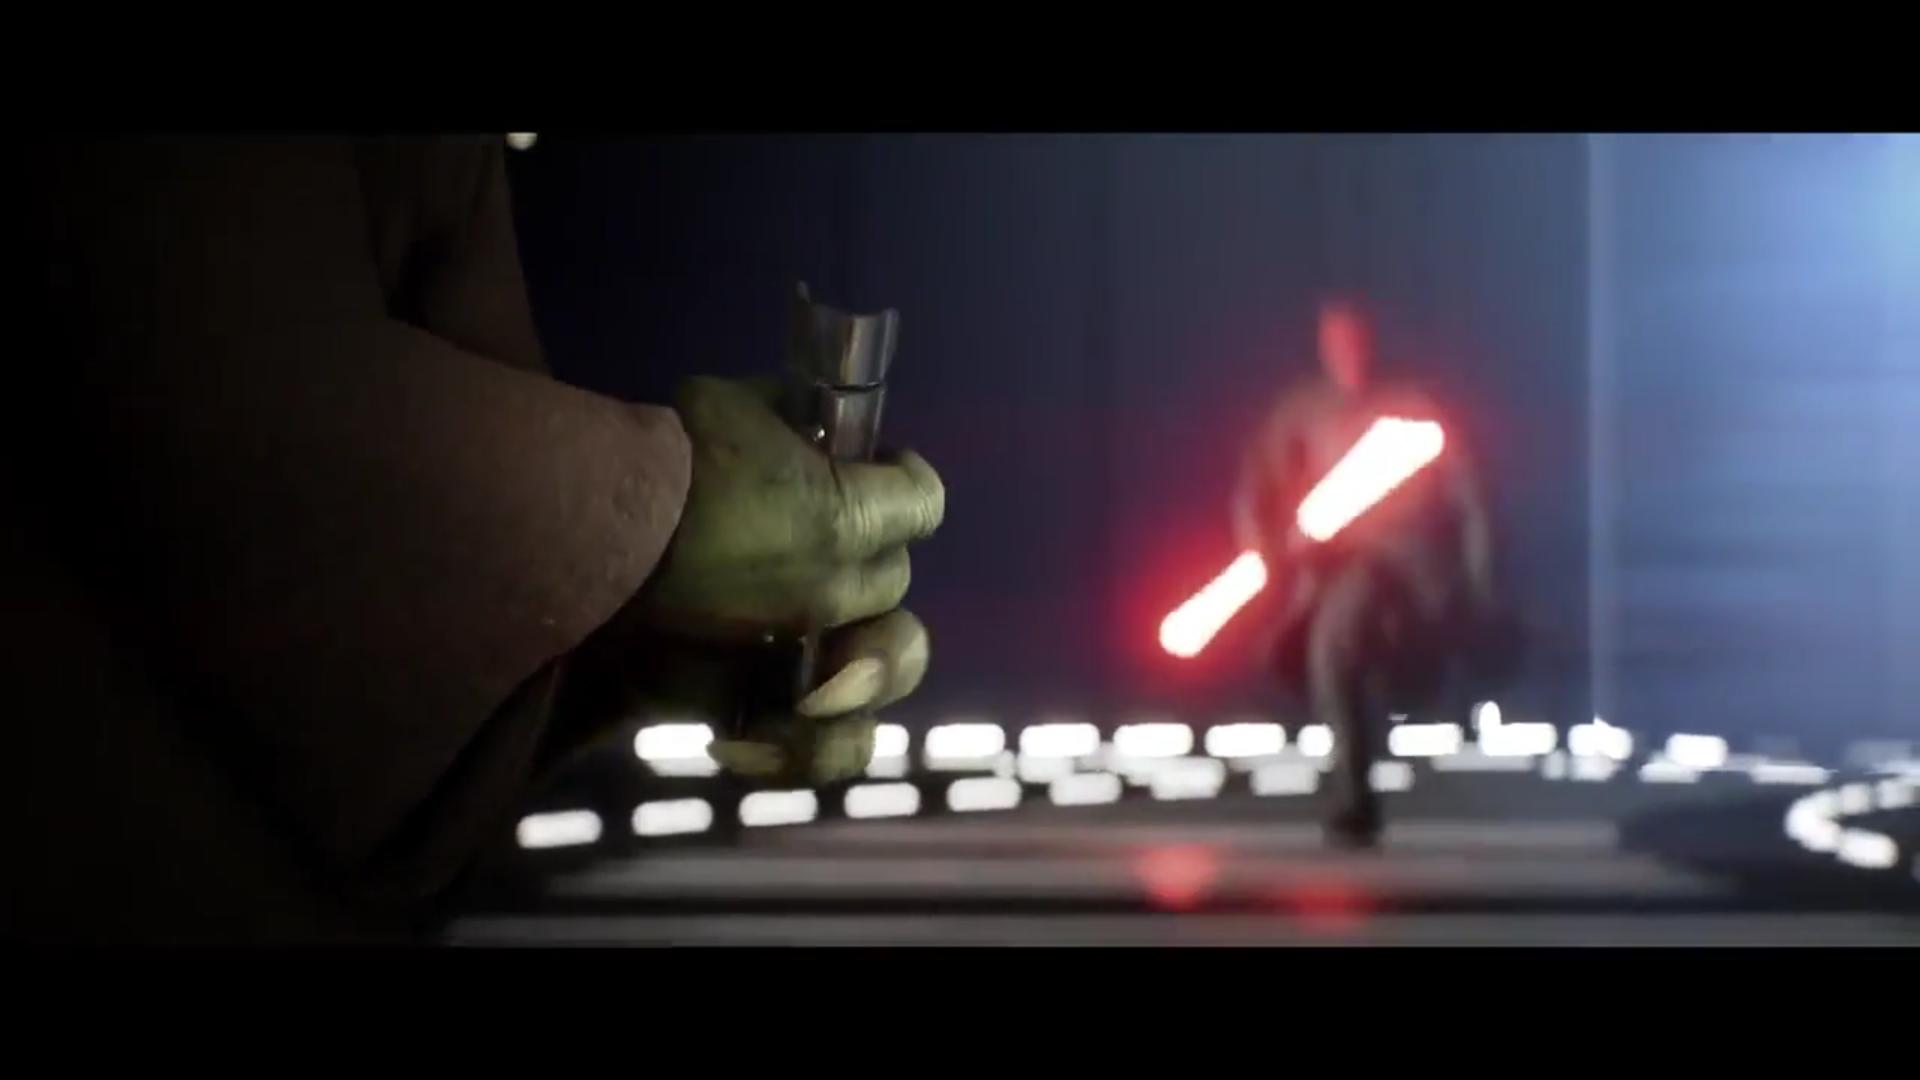 Star Wars Battlefront II Teaser Leaks Online Early 29